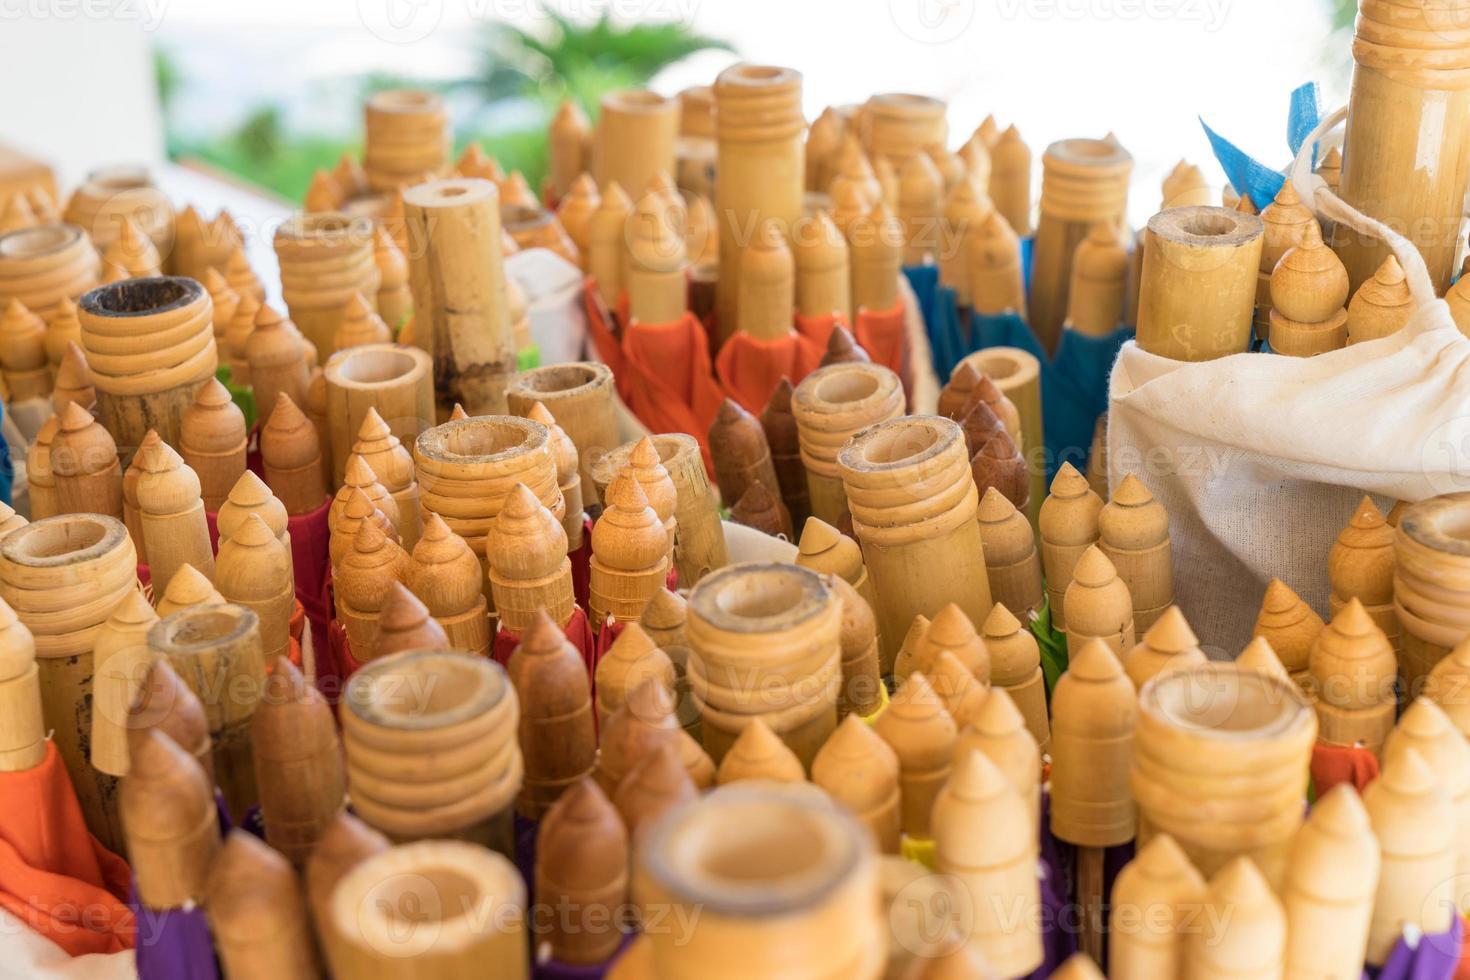 production de bambou artisanale thaïlandaise photo